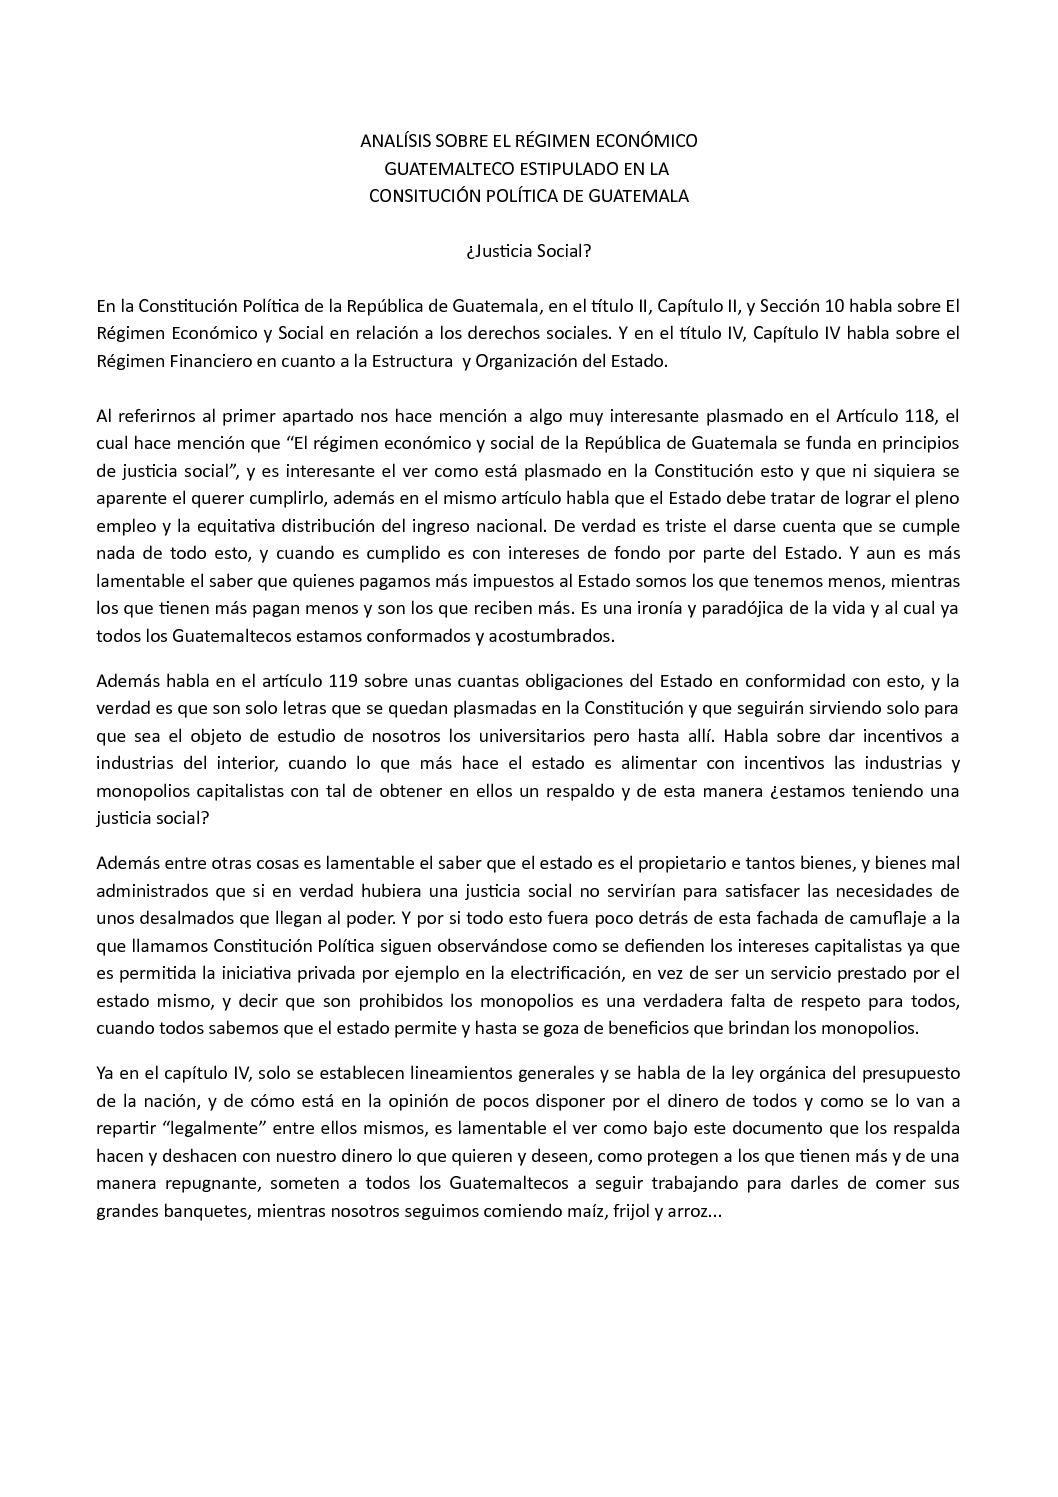 Calaméo Analísis Sobre La Constitución Financiera Guatemala